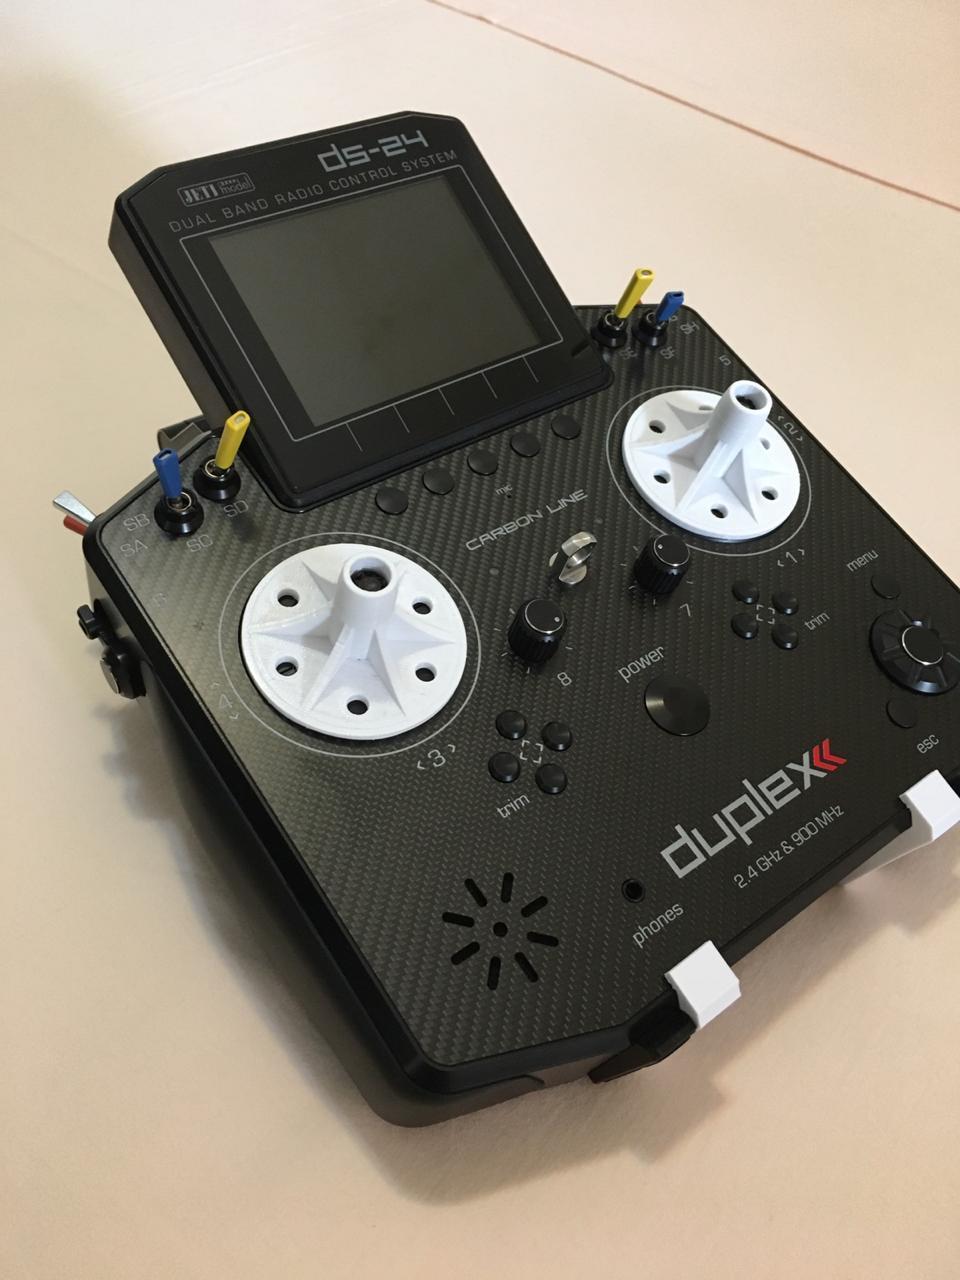 Image 2020-05-22 at 10.06.52.jpeg Télécharger fichier STL gratuit Radio Jeti Duplex - ds 24 stand • Modèle pour imprimante 3D, rudrigomaciel